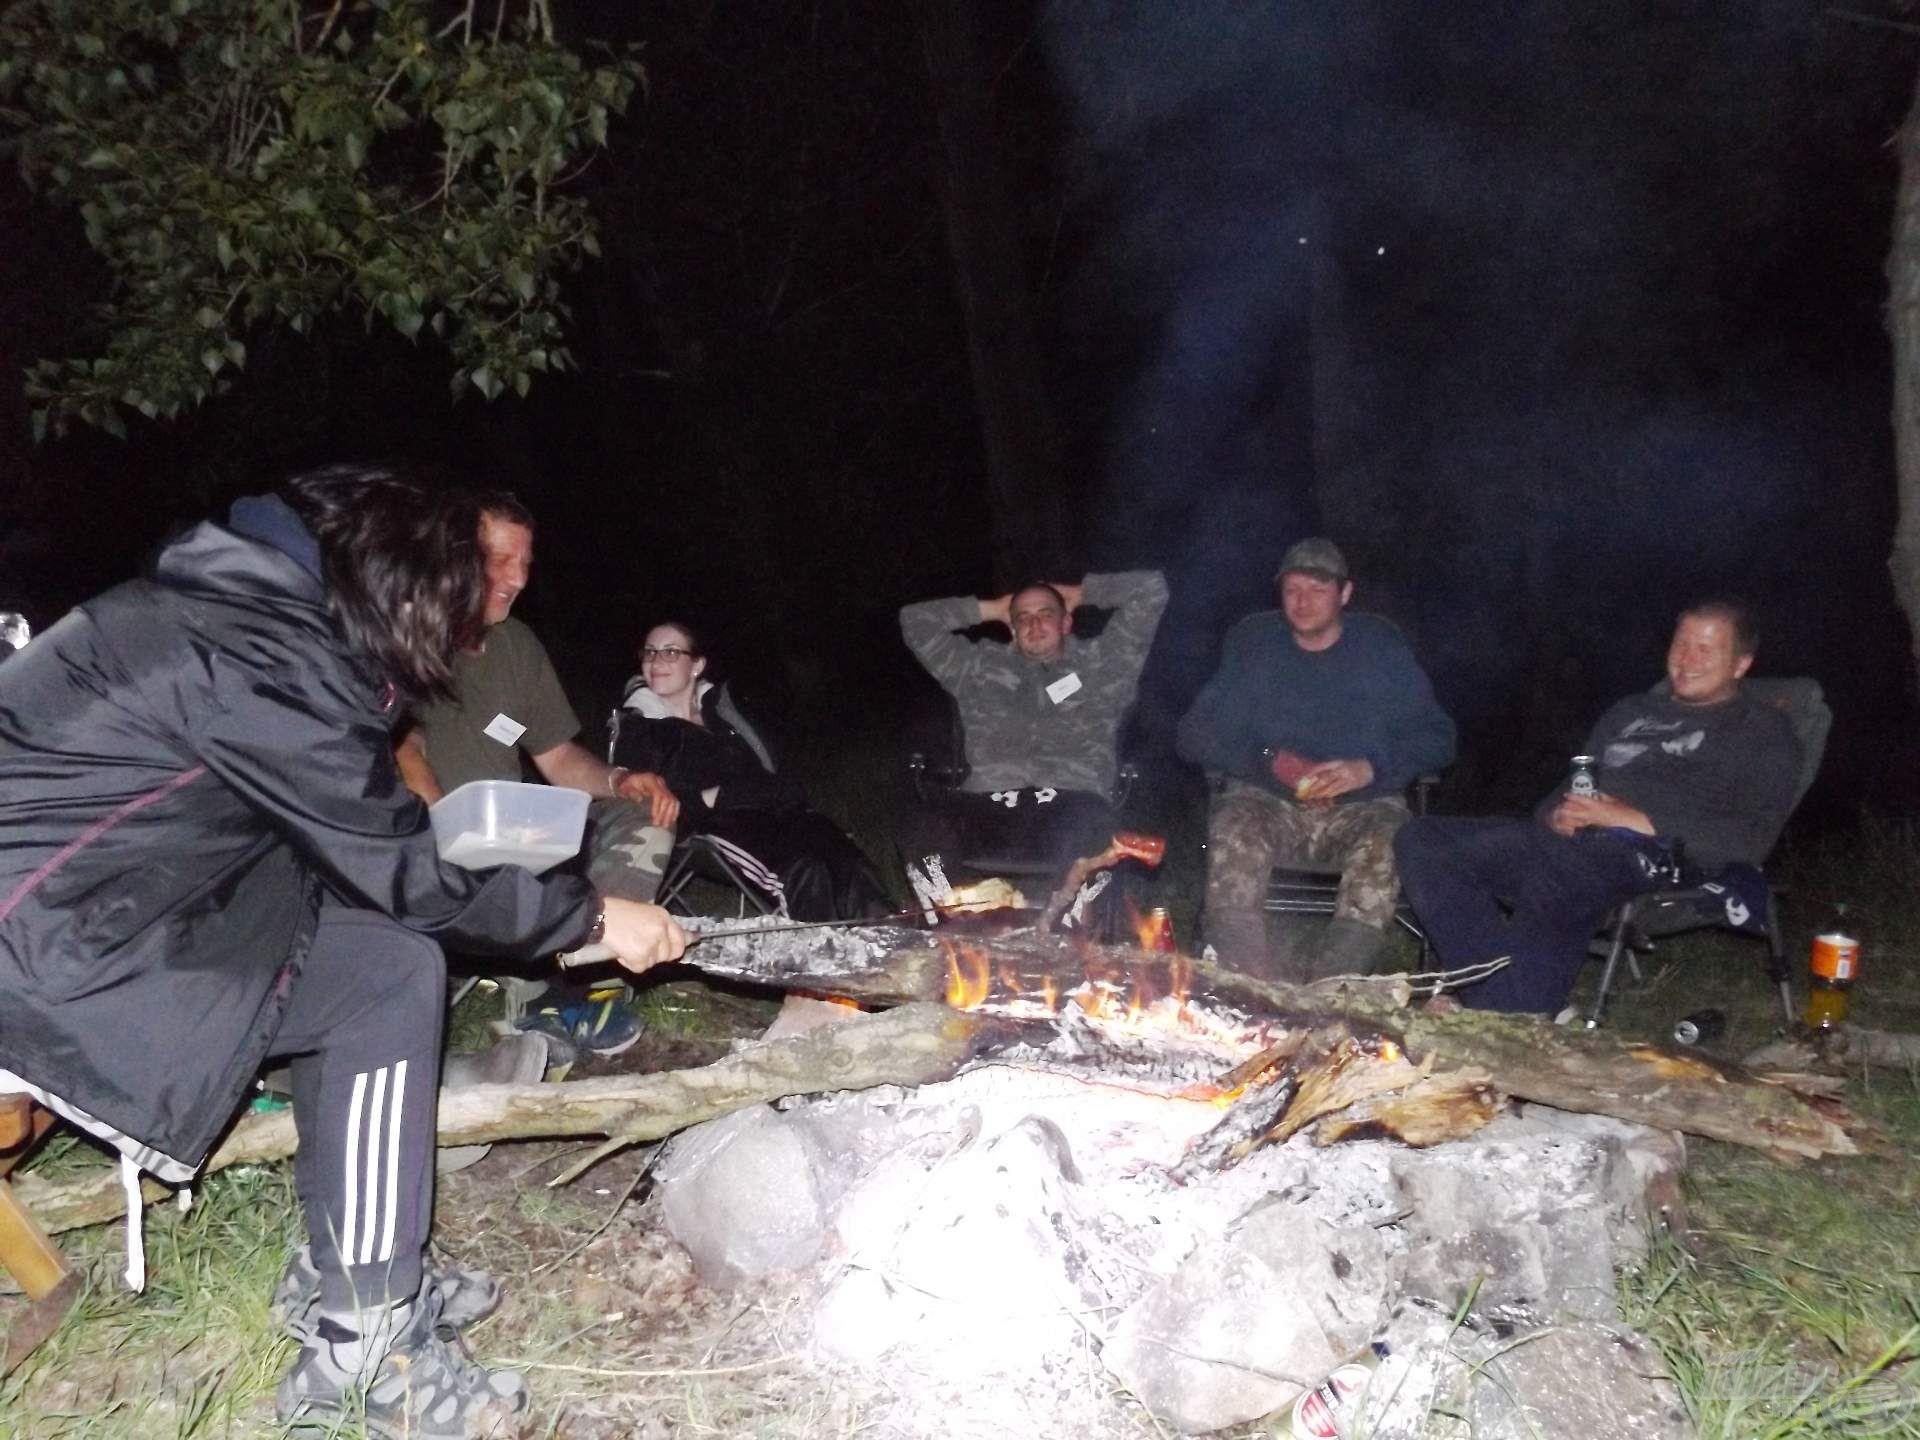 Esti tábortűz, sütés, főzés, jókedv, egyebek… legyél te is részese!